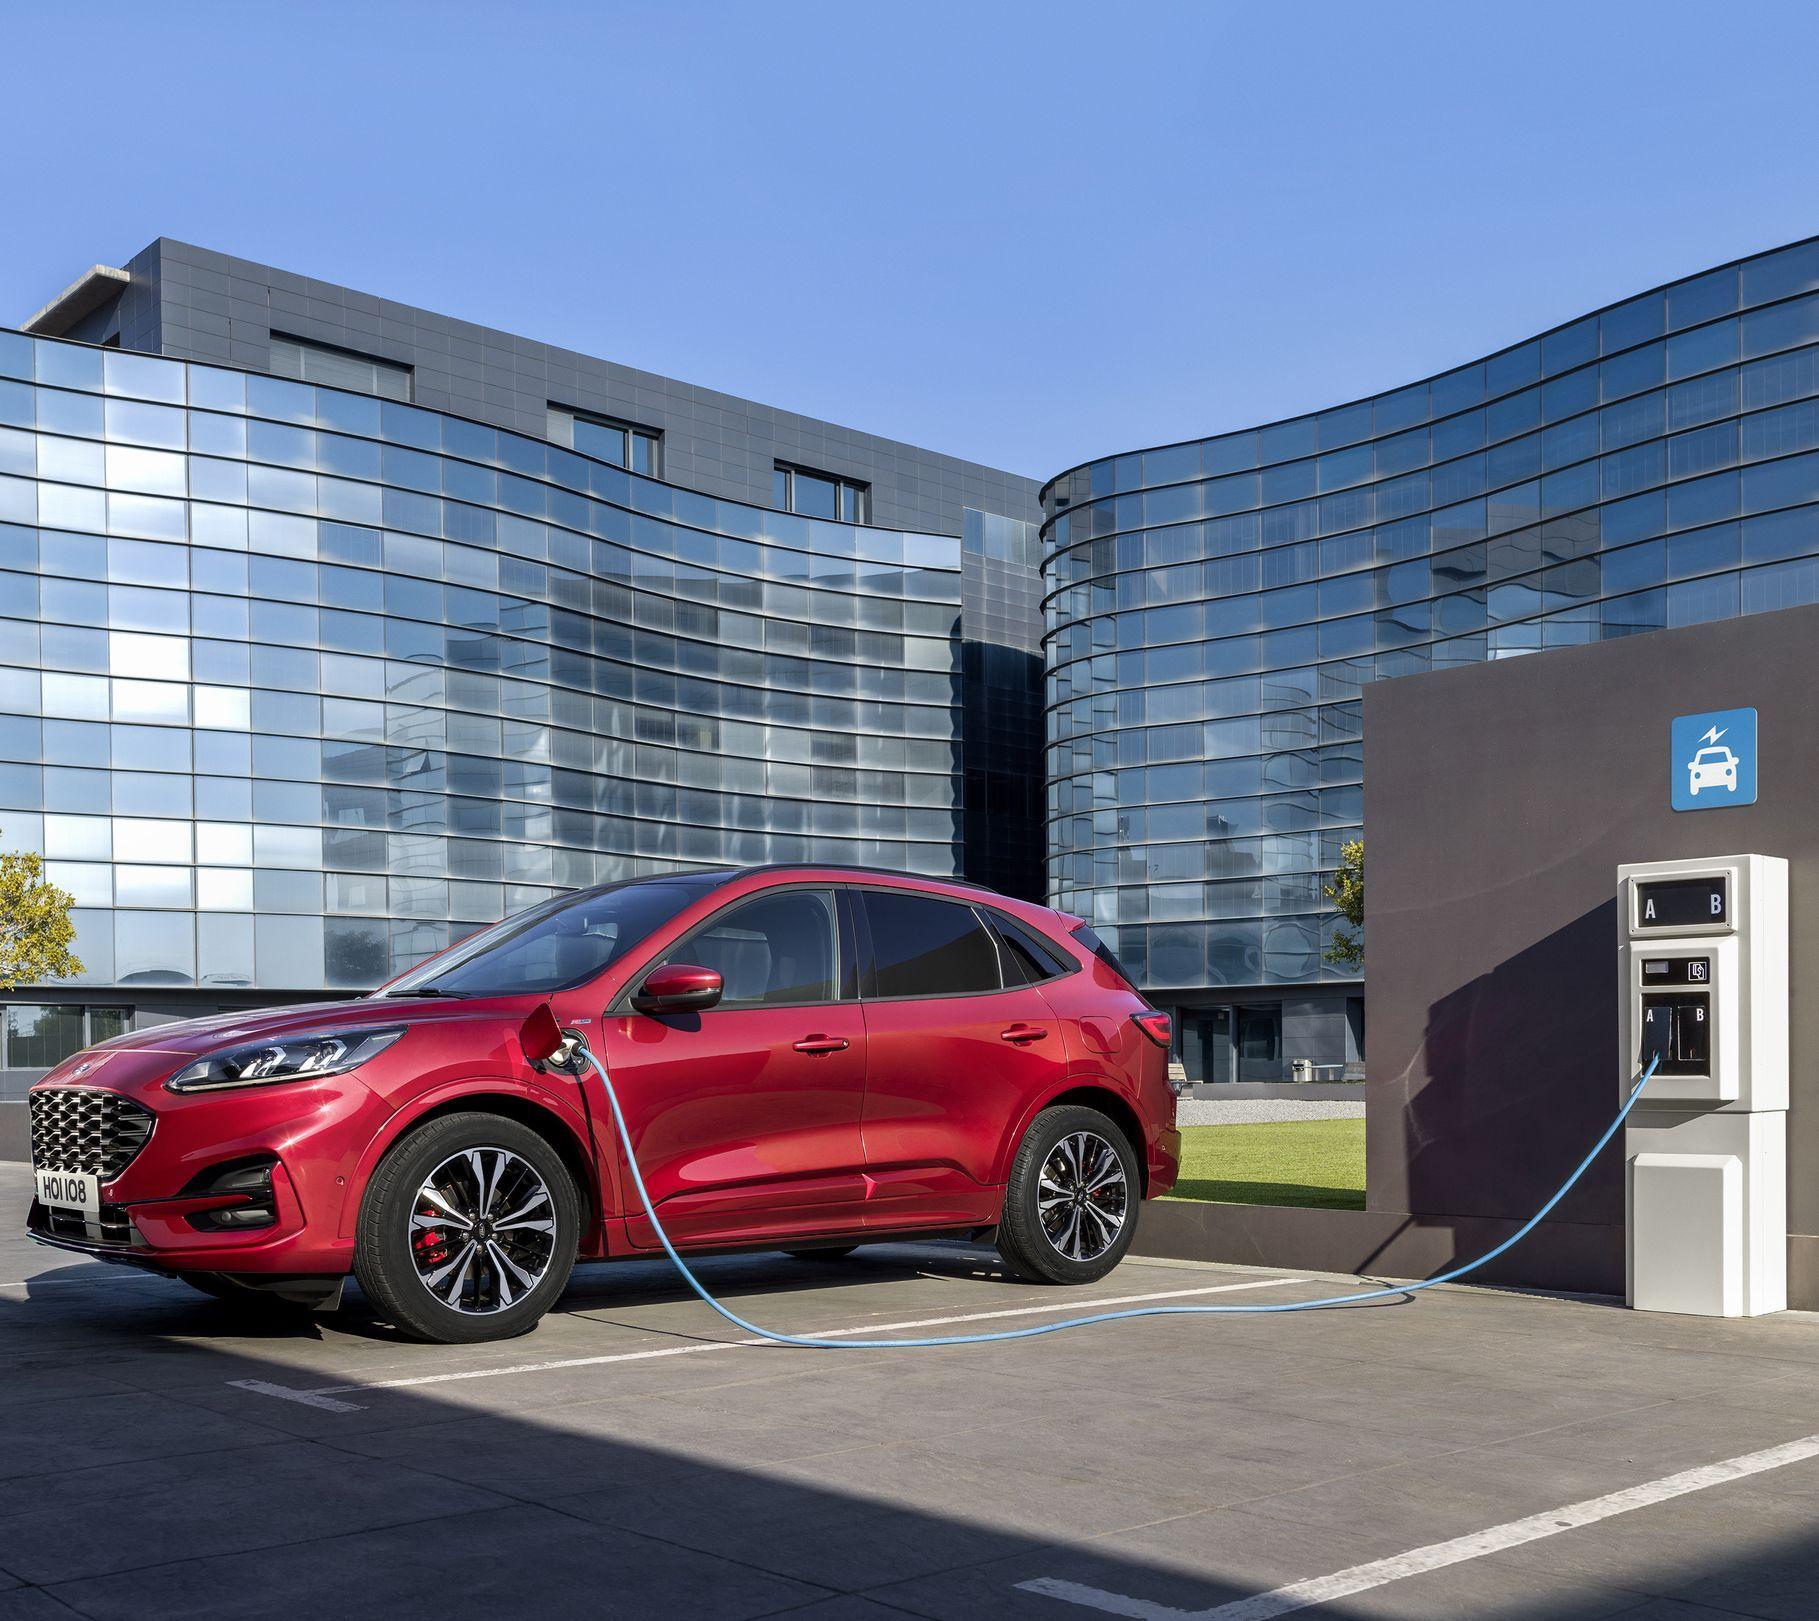 Bereit Fur Morgen Neuer Markenclaim Von Ford In 2020 Mit Bildern Elektrofahrzeug Ford Werke Automobil